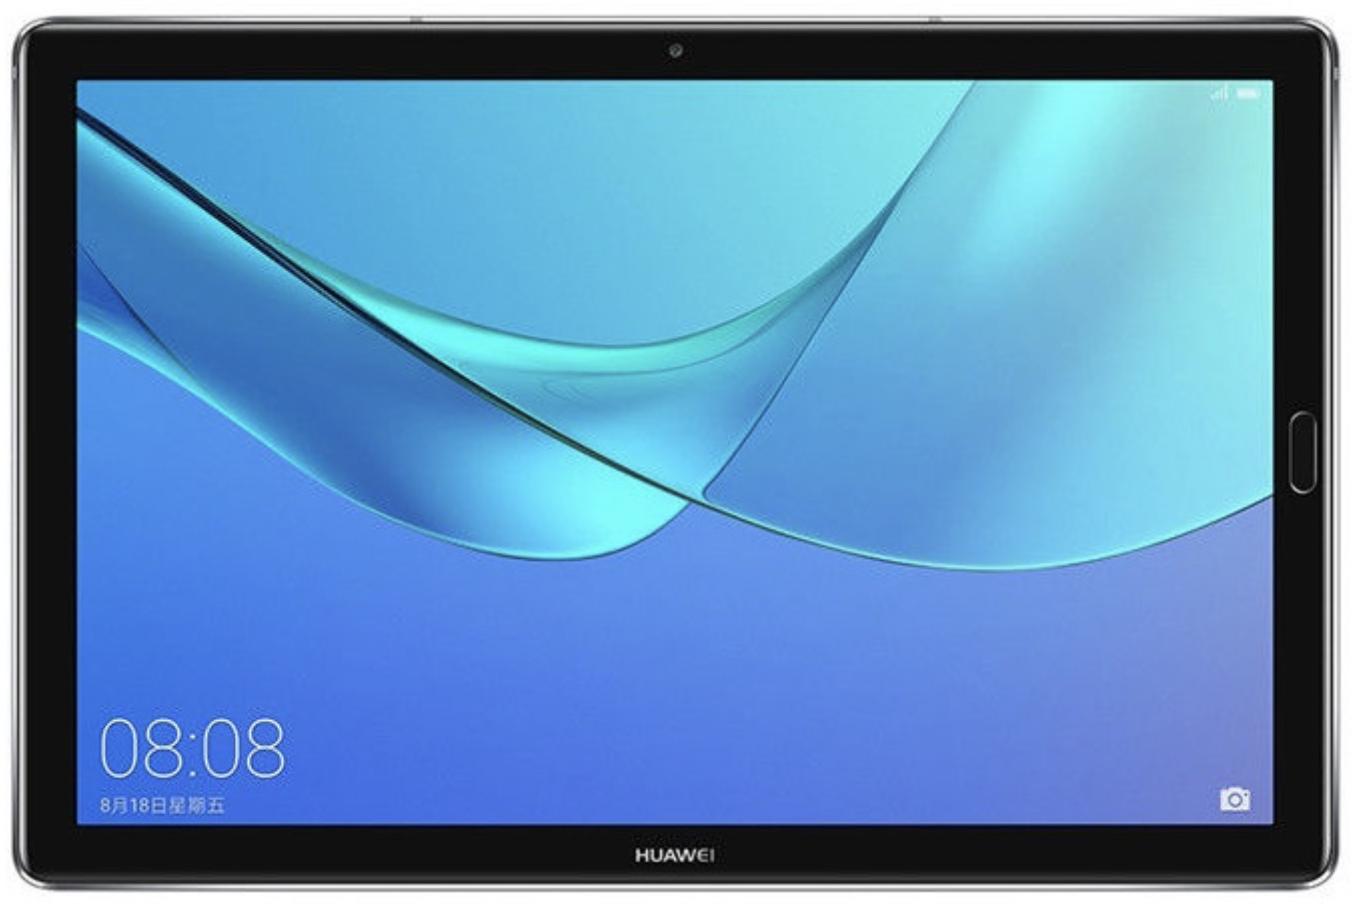 Huawei MediaPad M5 Pro 10.8 64GB LTE Tablet für 395,07€ inkl. Versandkosten